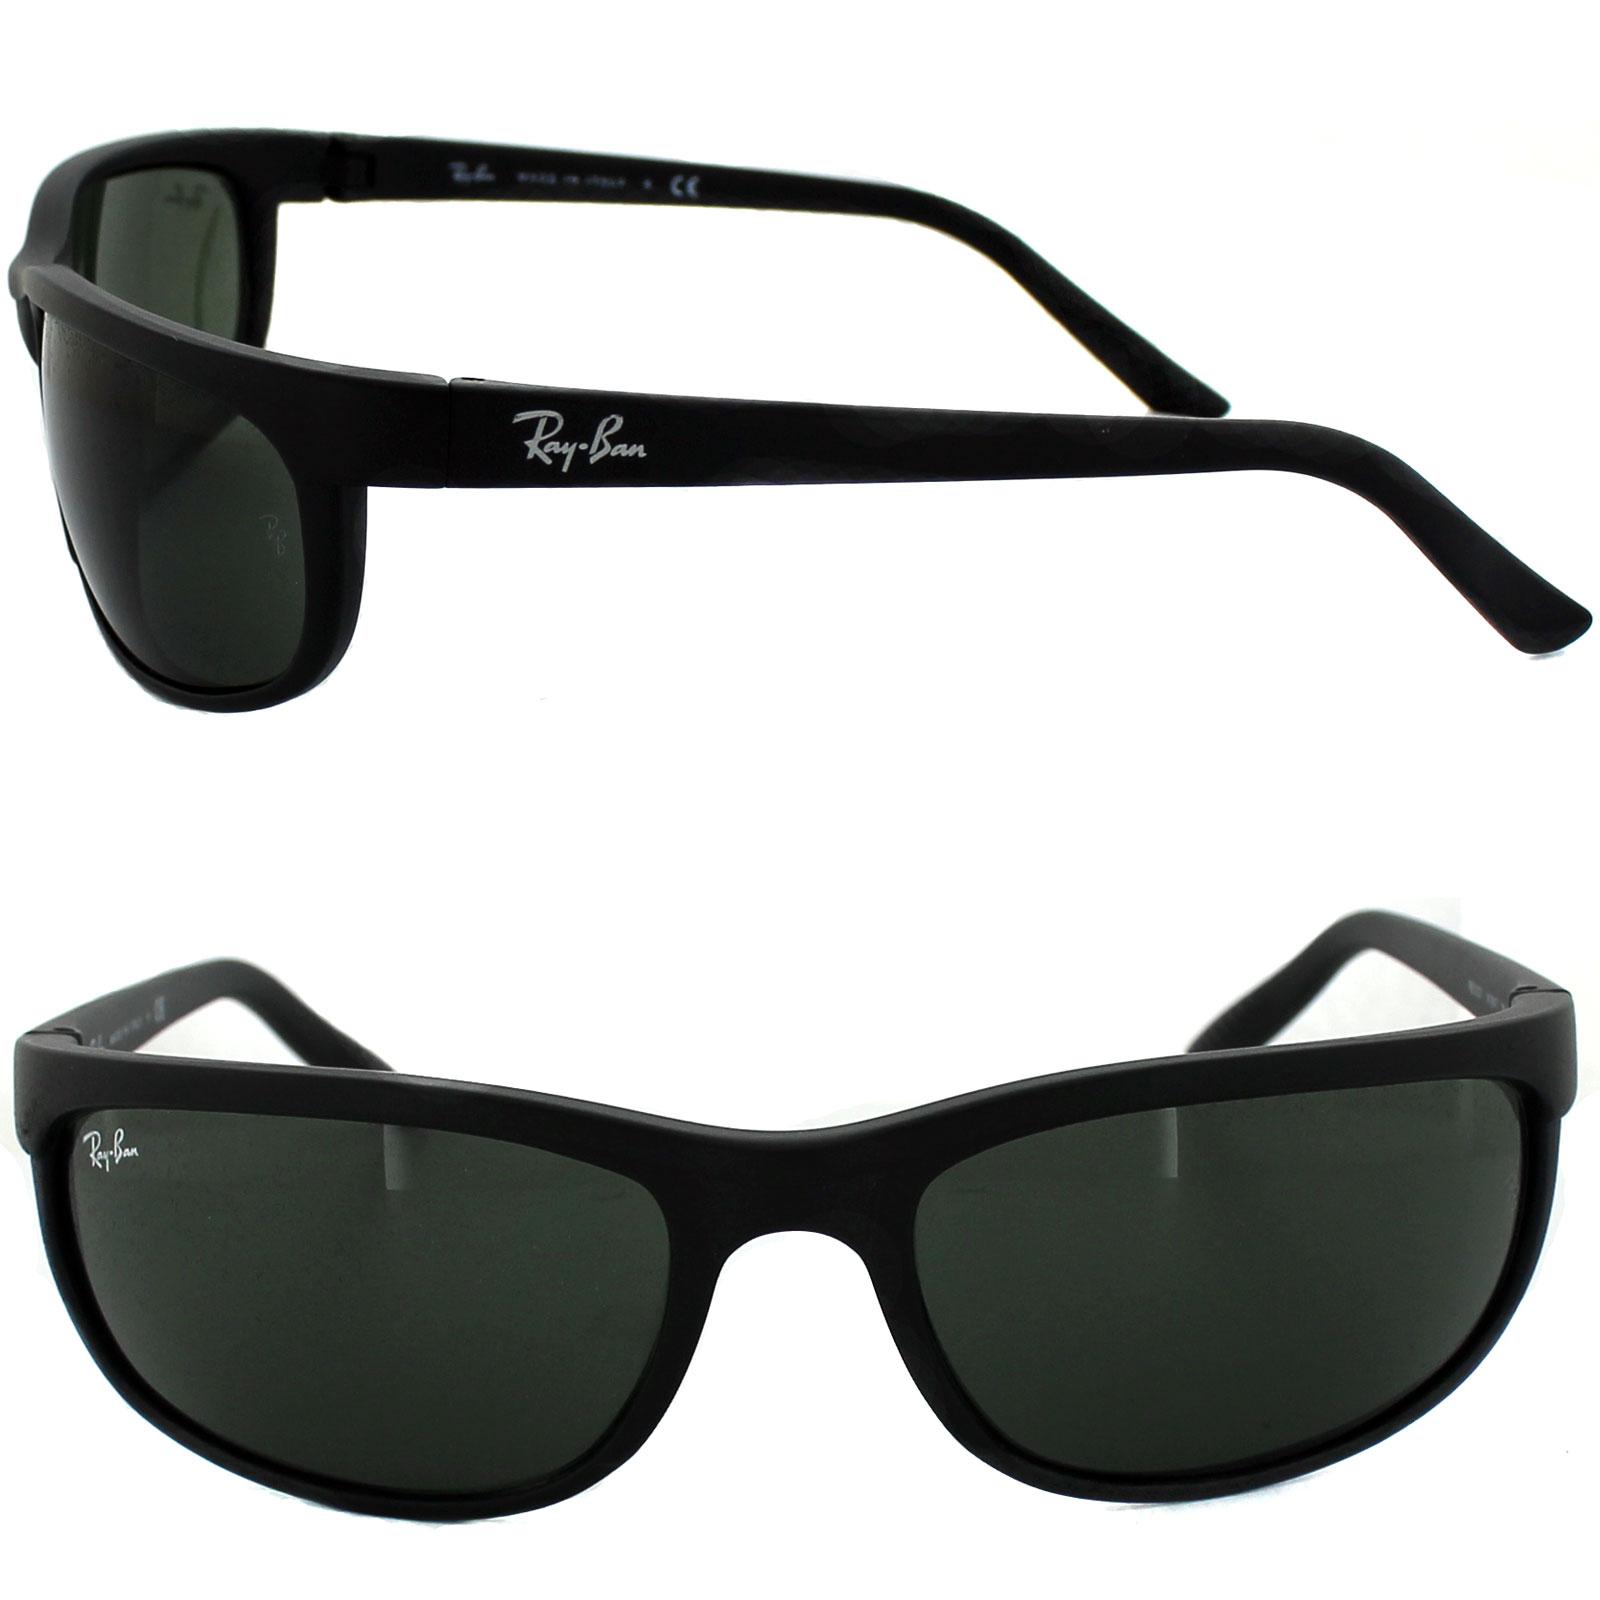 0e2e4789b0 Sentinel Rayban Sunglasses Predator 2 2027 Black Matt Black Green W1847